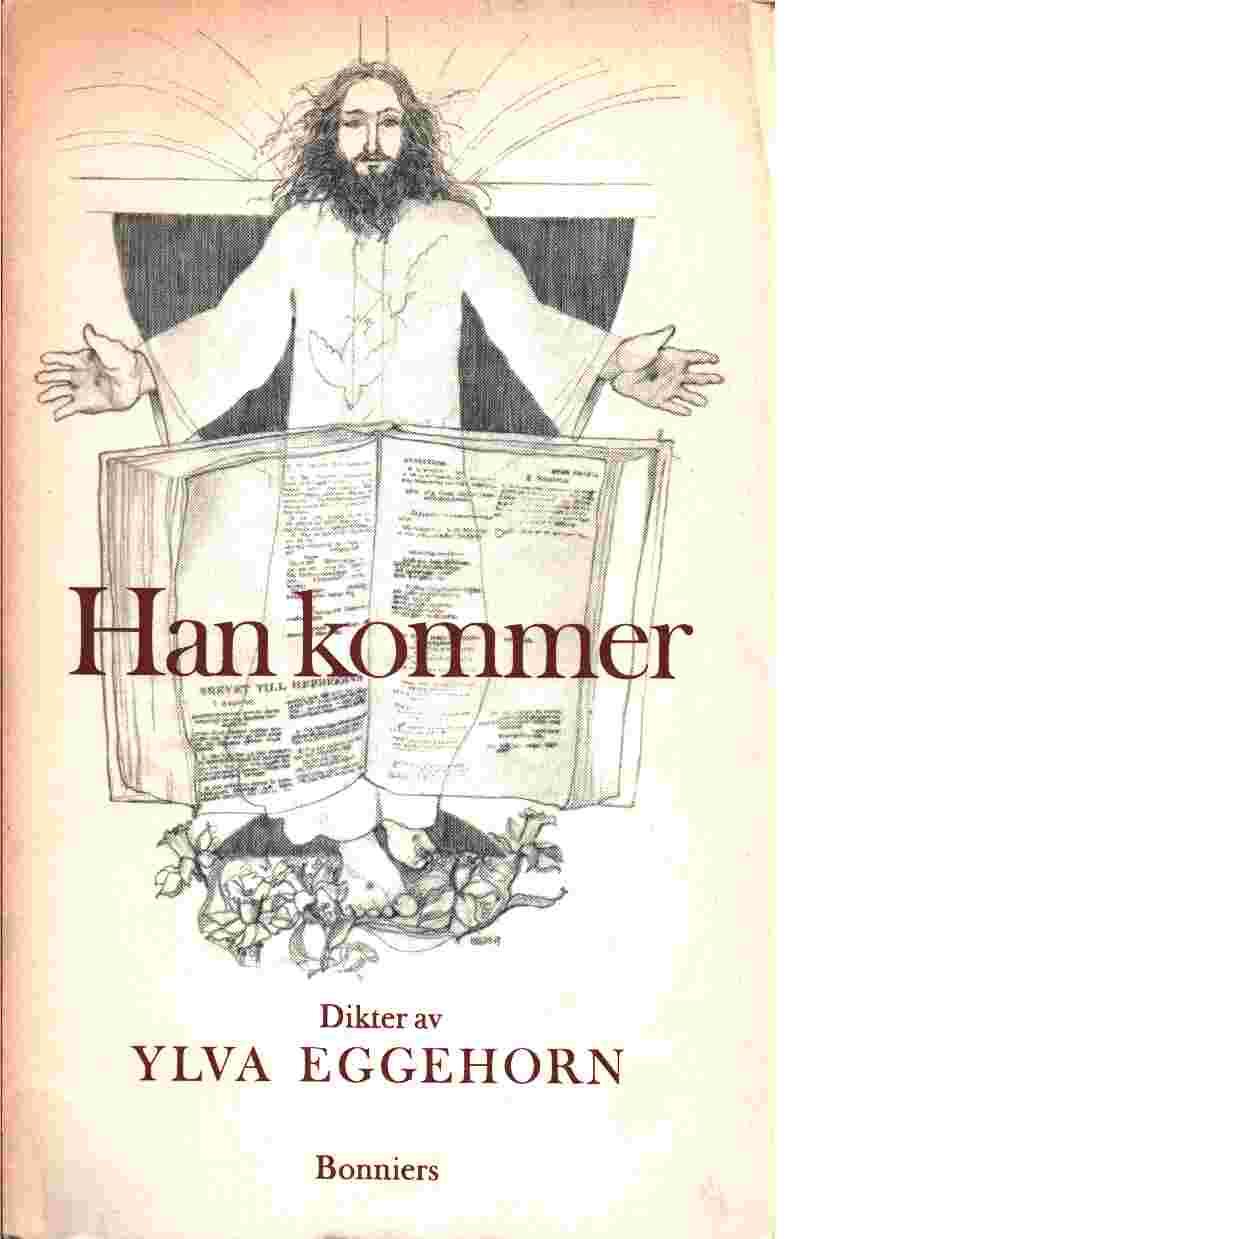 Han kommer  dikter  Ylva Eggehorn - Eggehorn, Ylva